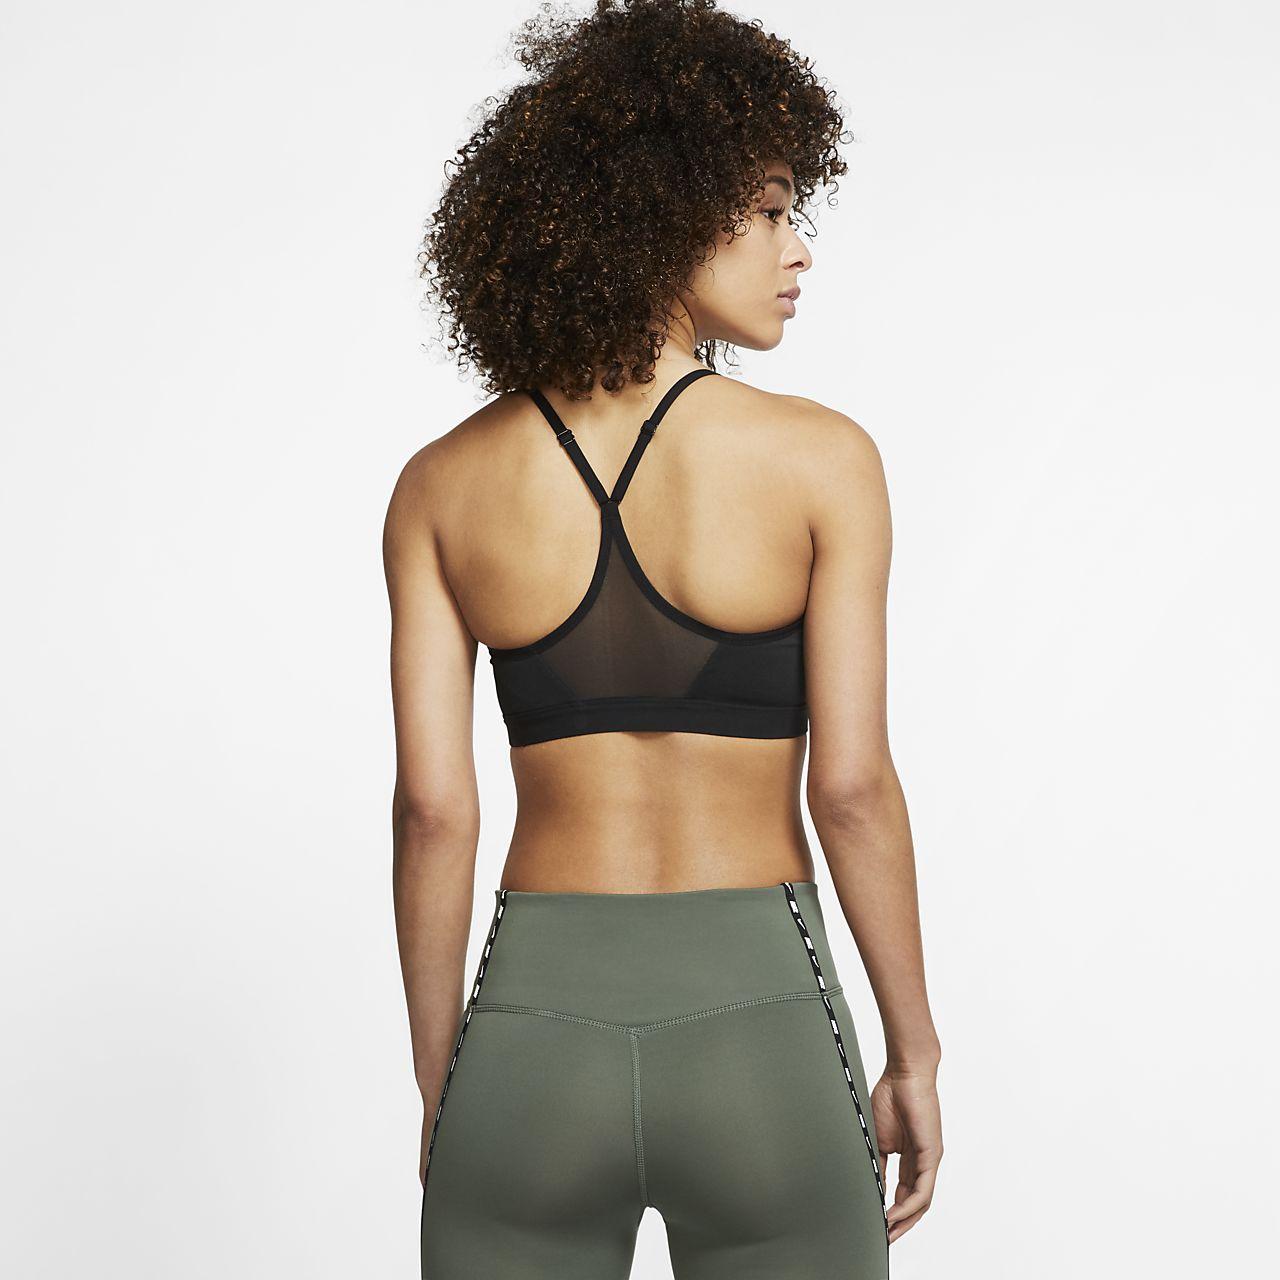 a609b7bb591fc Nike Indy Women s Light-Support Sports Bra. Nike.com GB